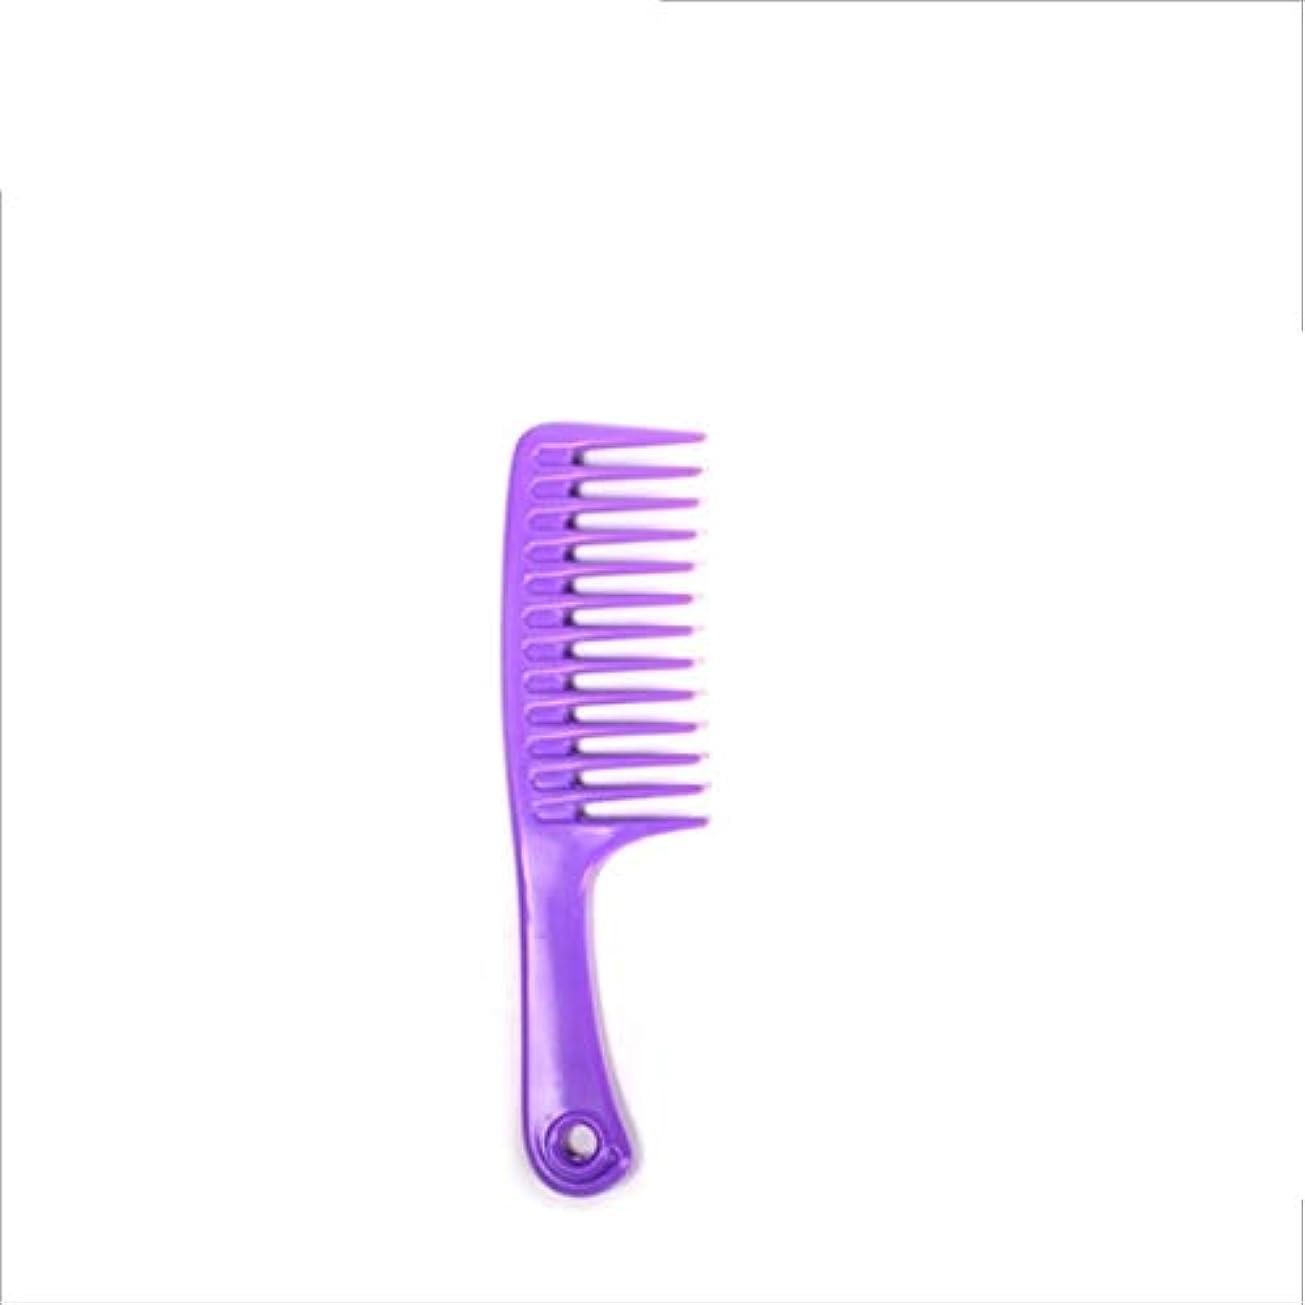 基準ナース挽くプラスチックのための大きい歯が付いているゴム製櫛および色のVary-24.5cmの帯電防止ほぐれの櫛 ヘアケア (色 : 紫の)